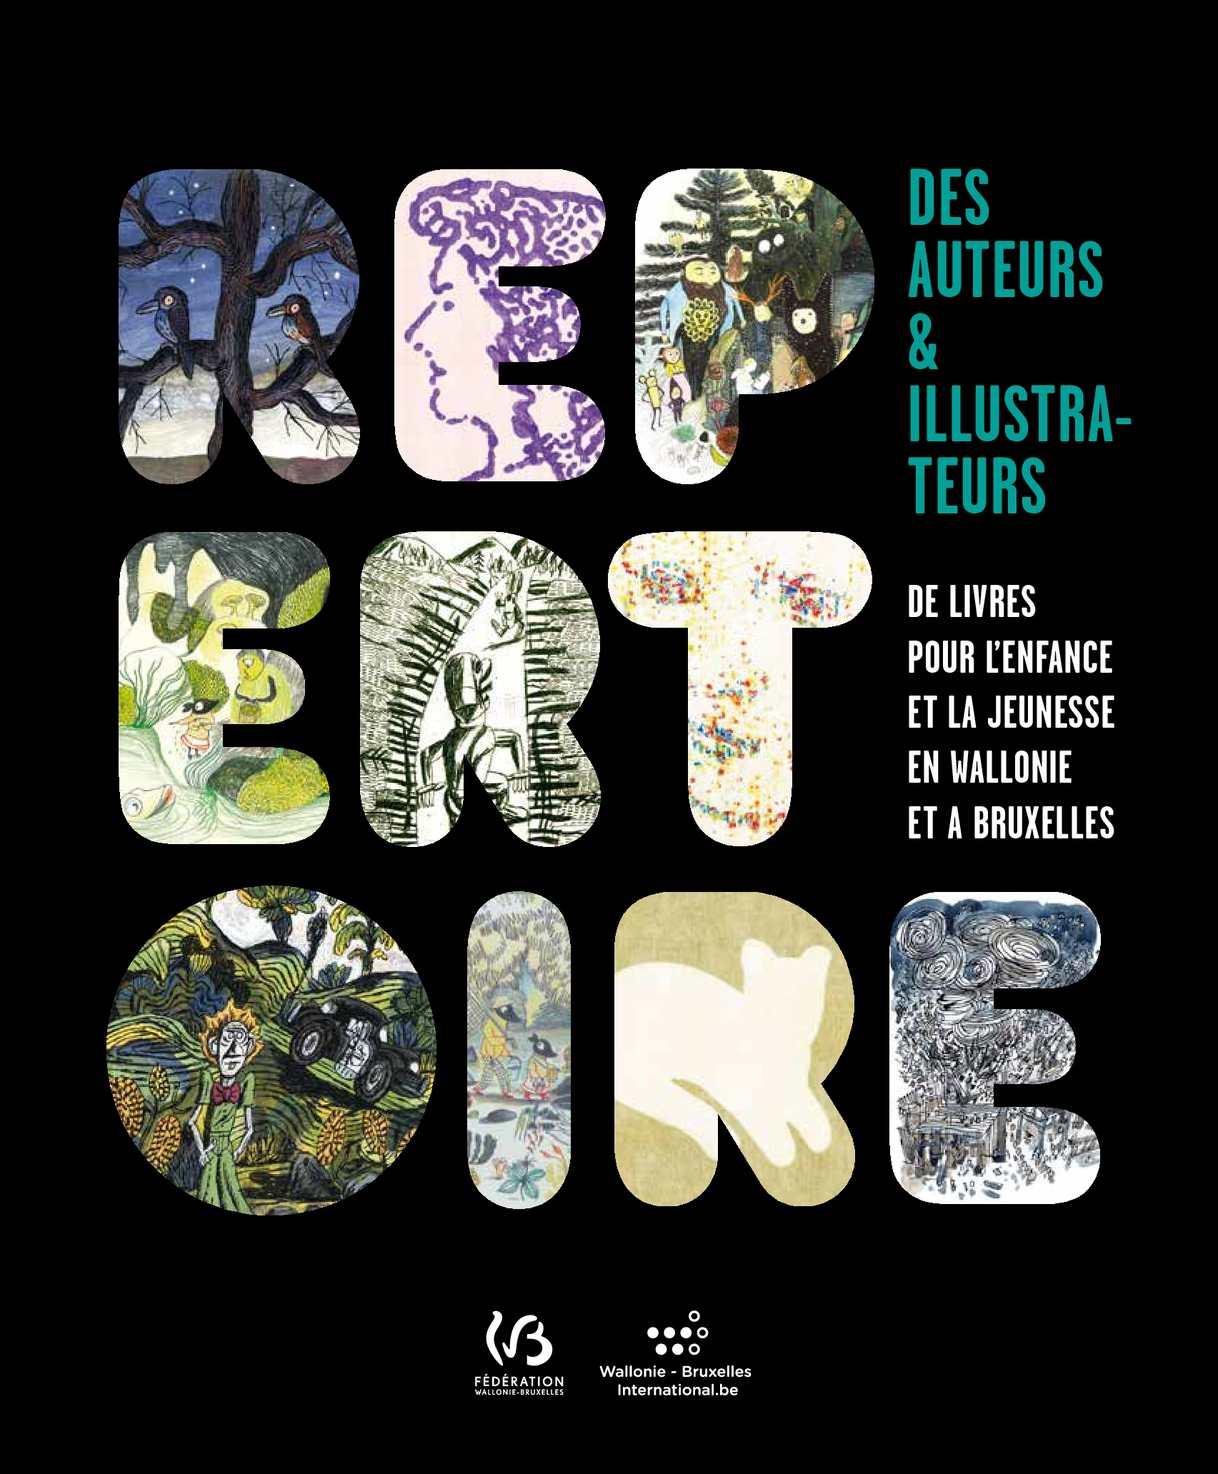 Répertoire des auteurs & illustrateurs de livres pour l'enfance & la jeunesse en Wallonie et à Bruxelles